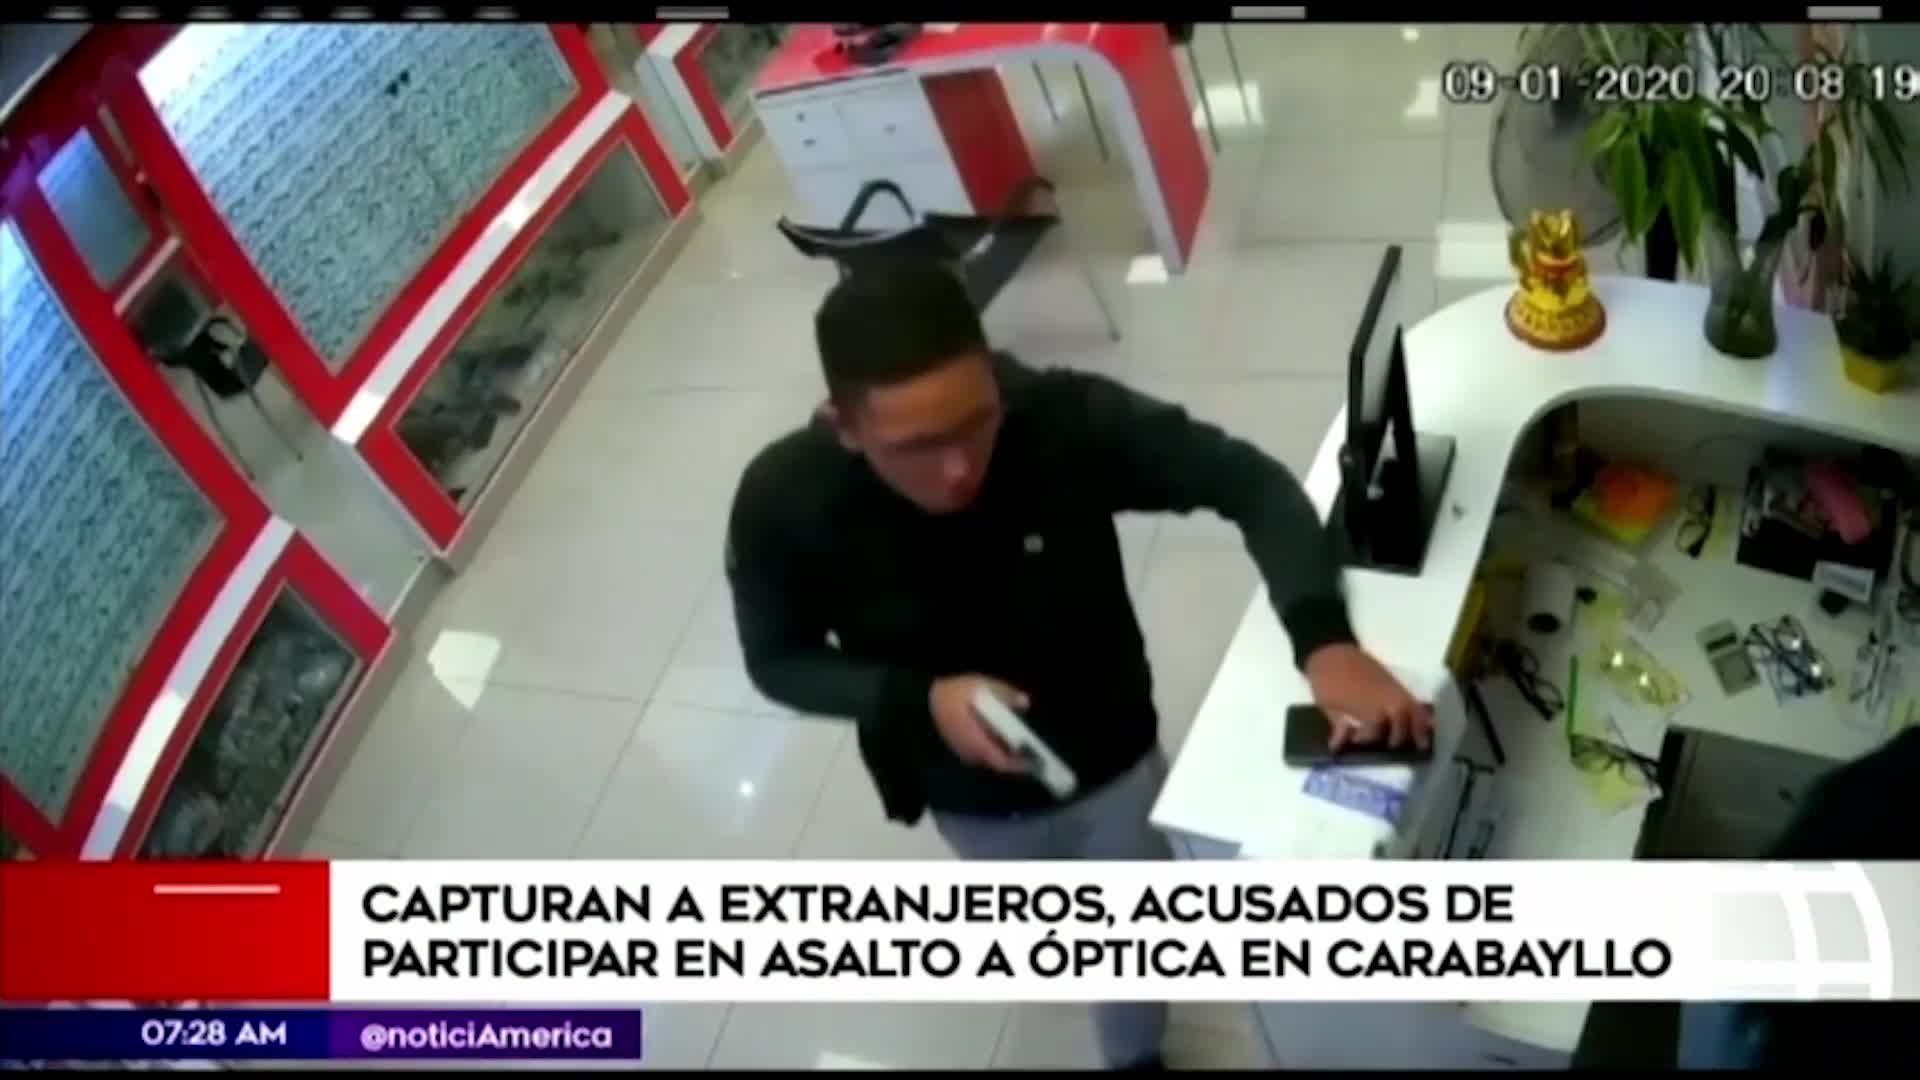 Capturan a dos extranjeros presuntamente implicados en robo a óptica en Carabayllo